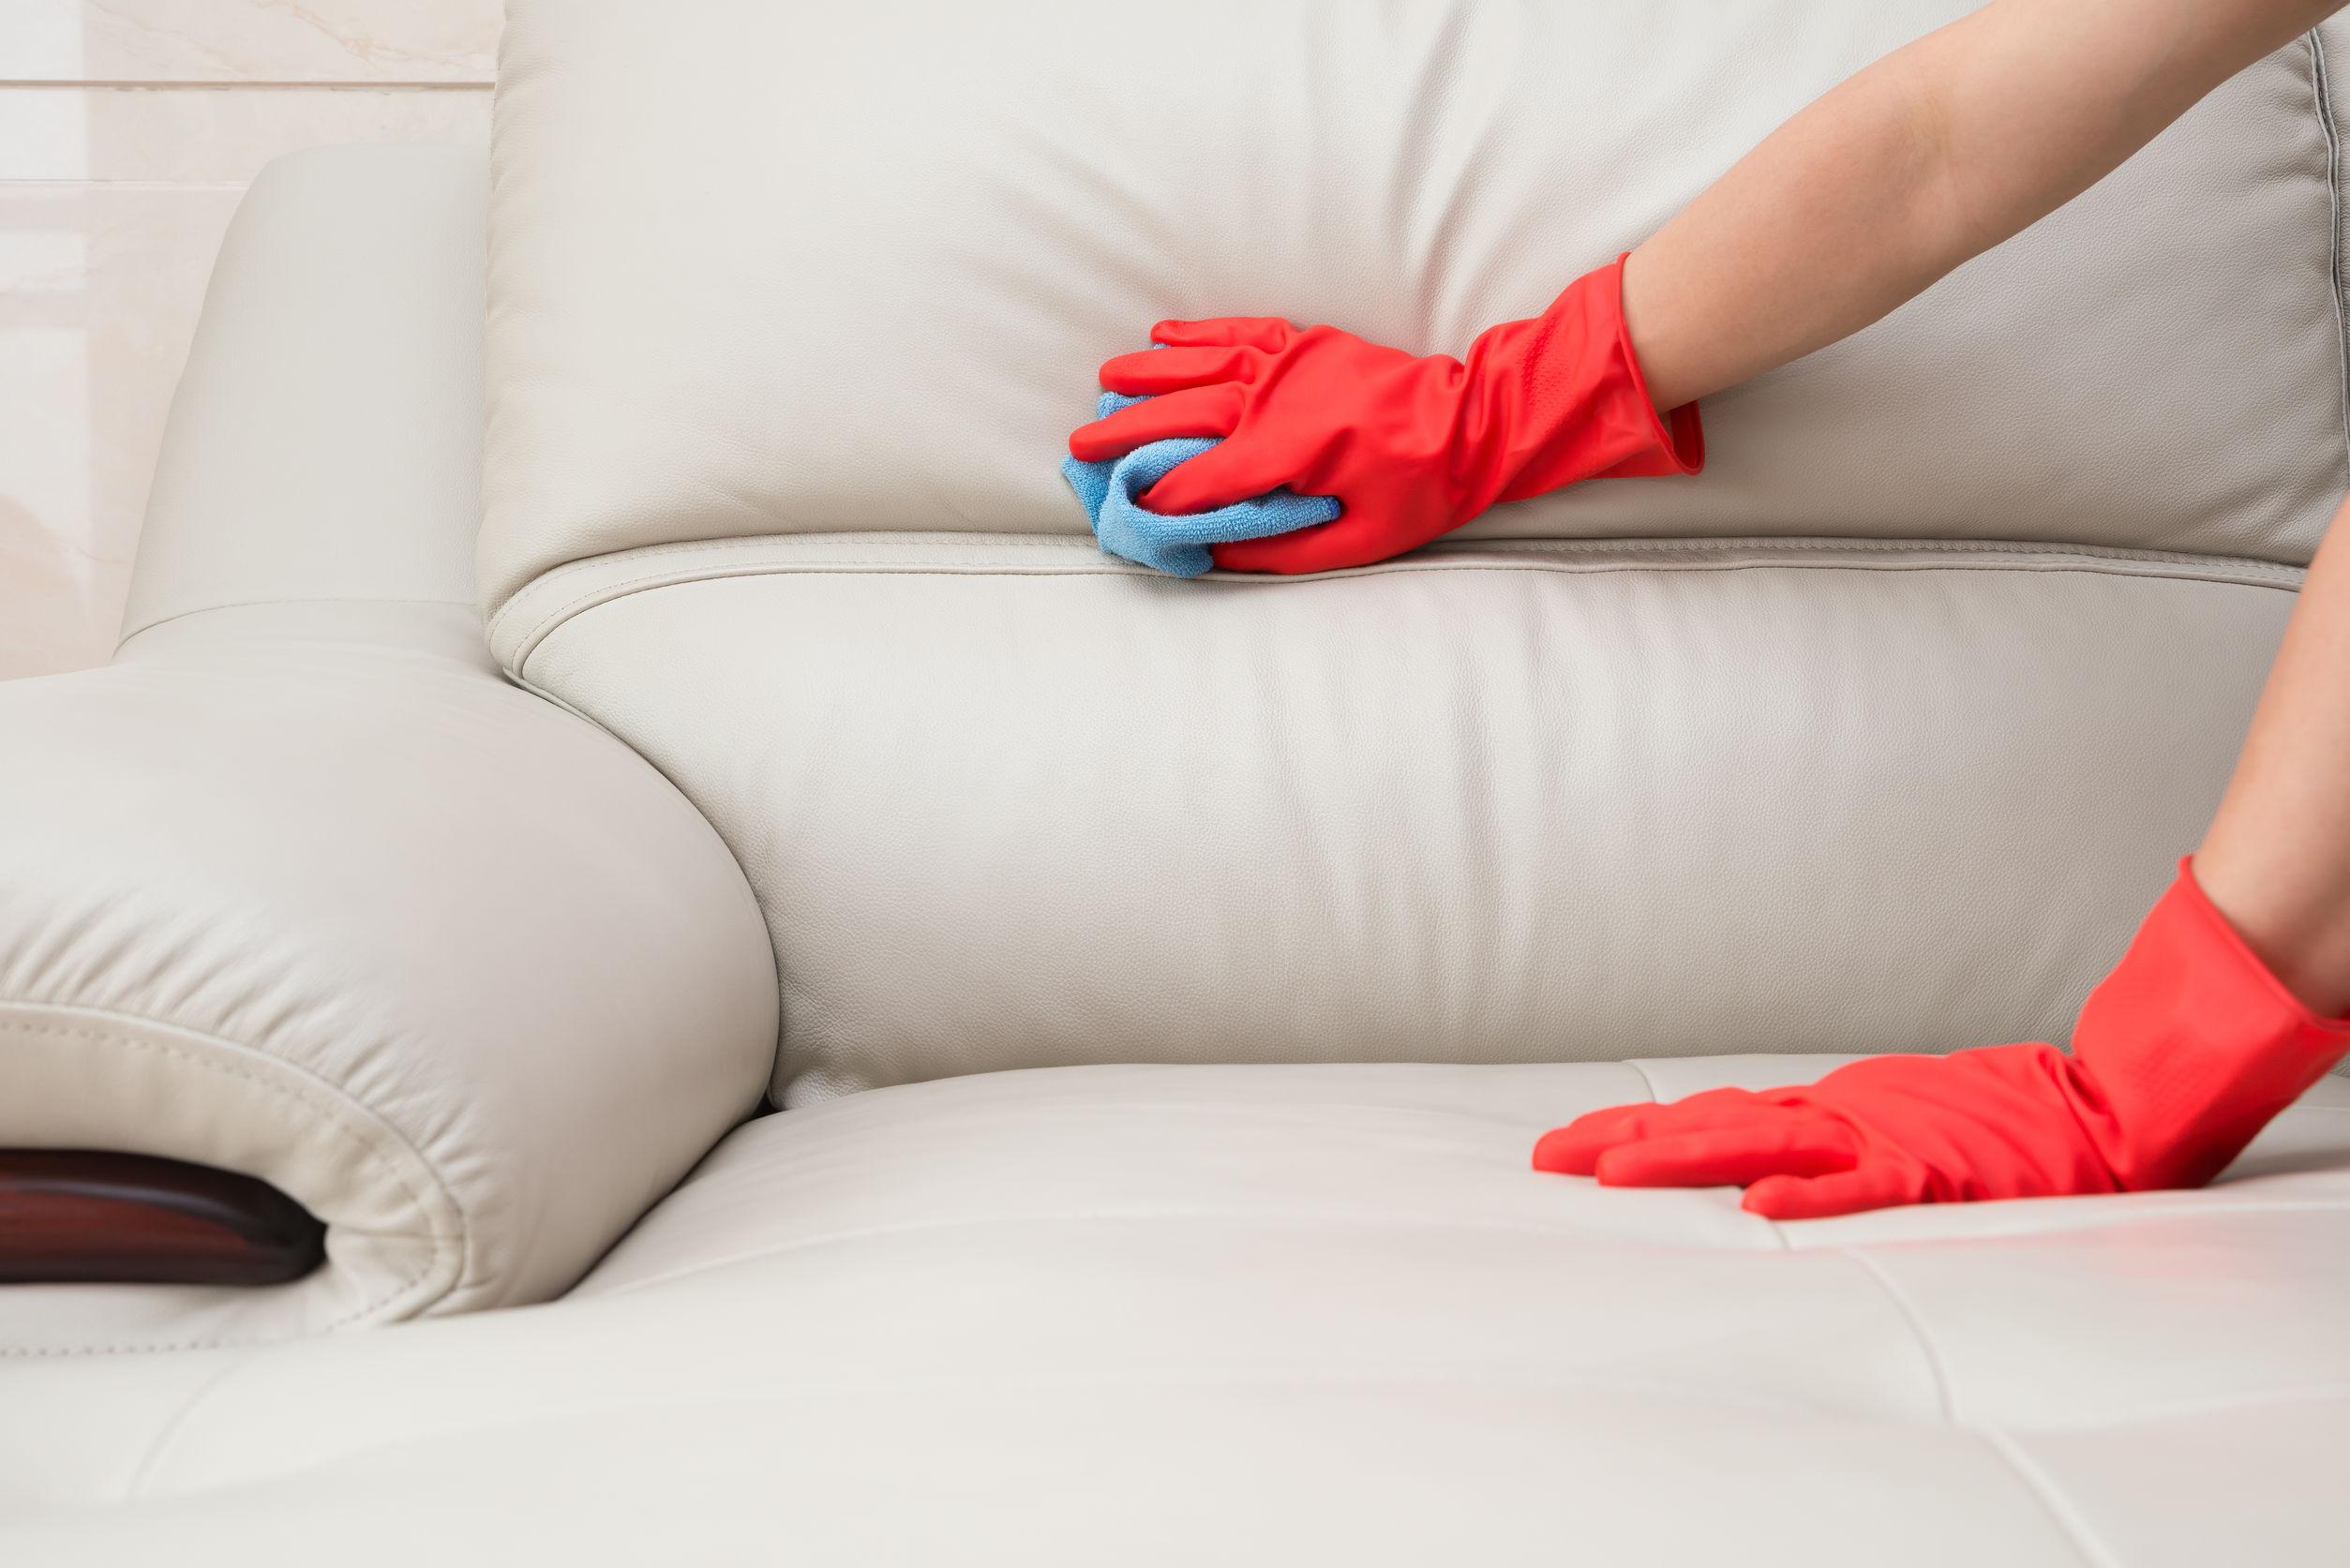 É fácil aprender como limpar sofá de camurça e veludo com soluções caseiras práticas.